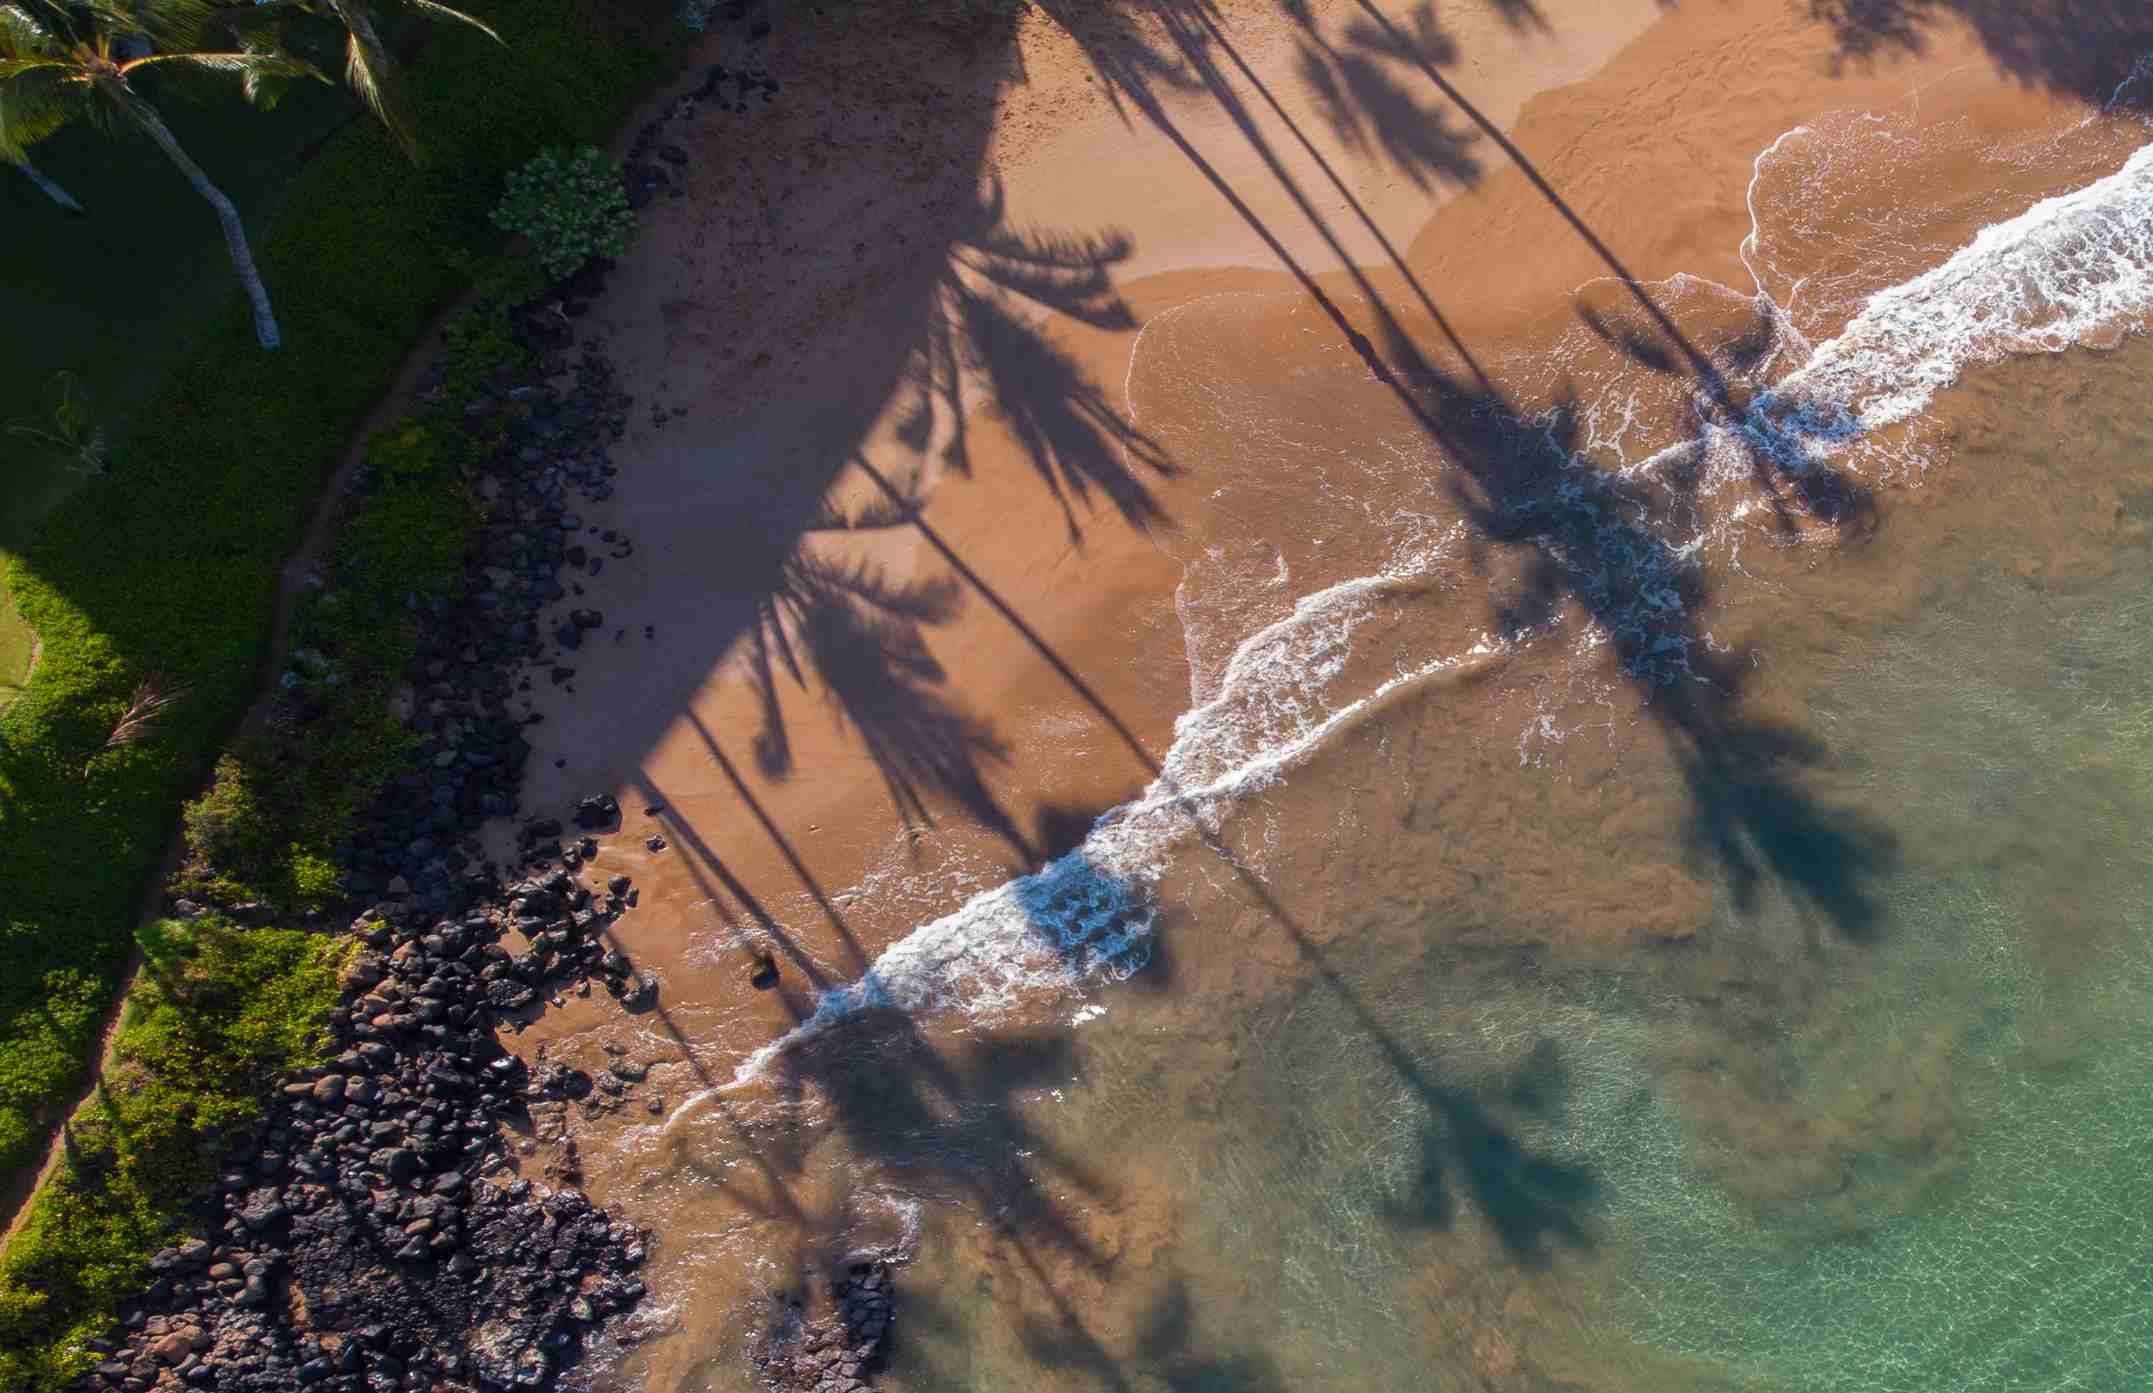 The beach at Kihei, Maui Hawaii